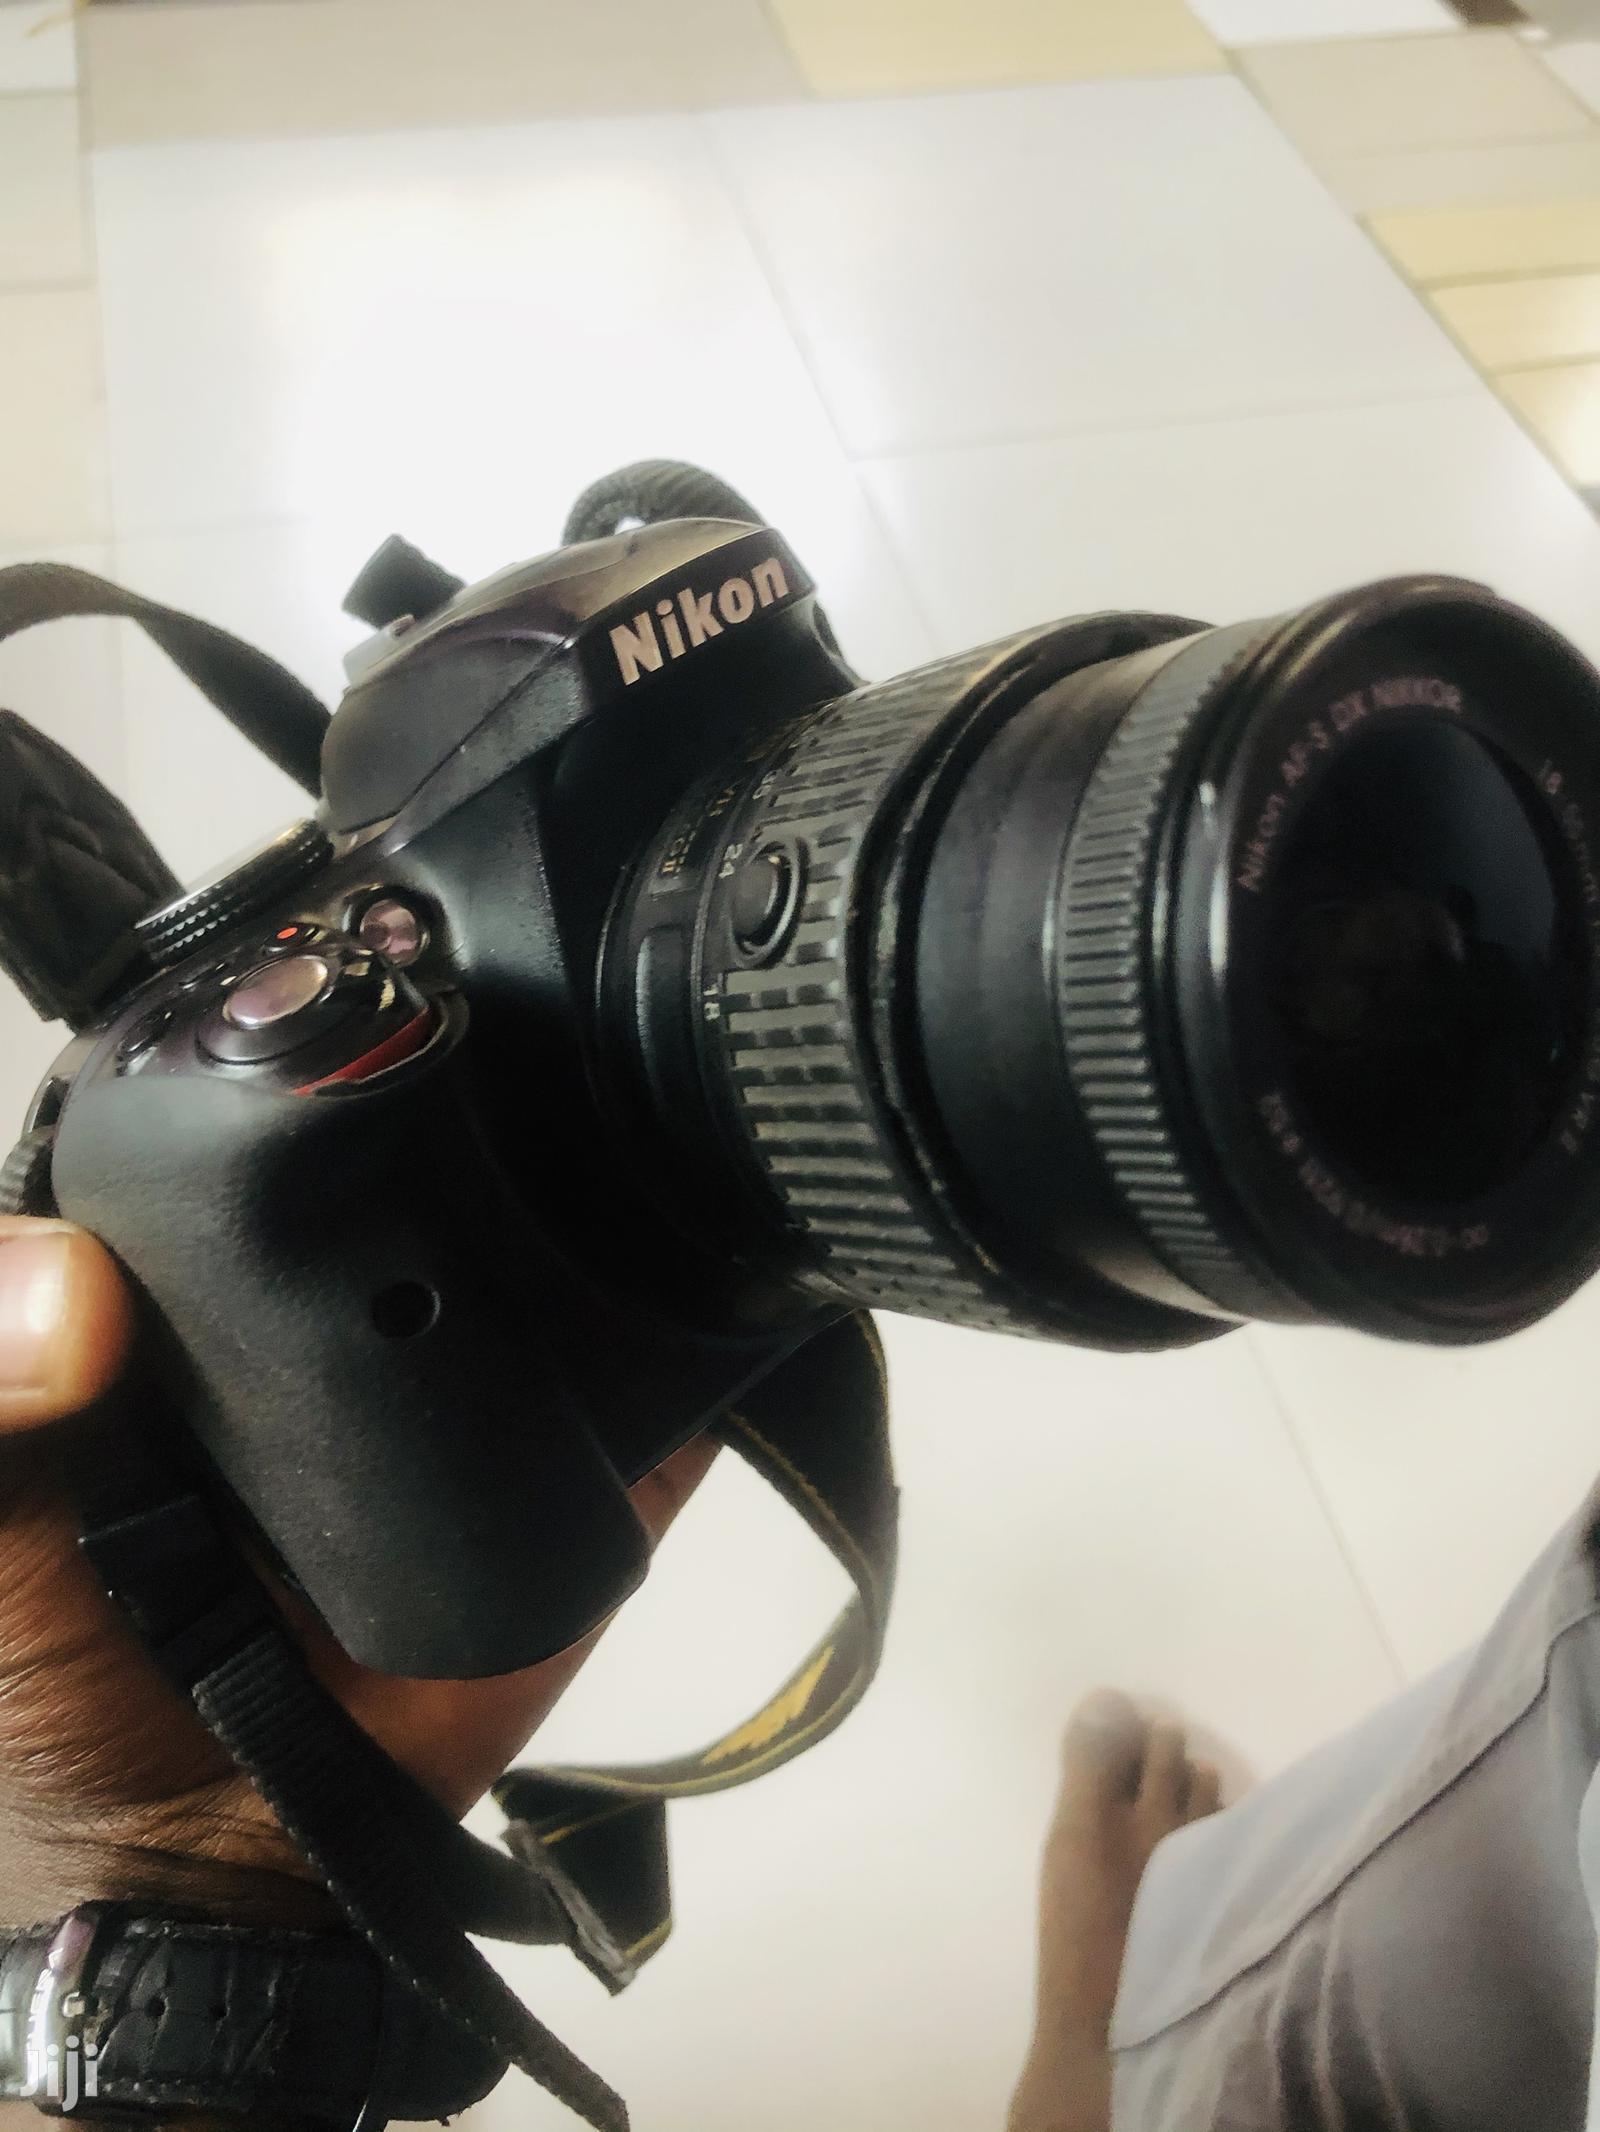 Used Nikon D3300